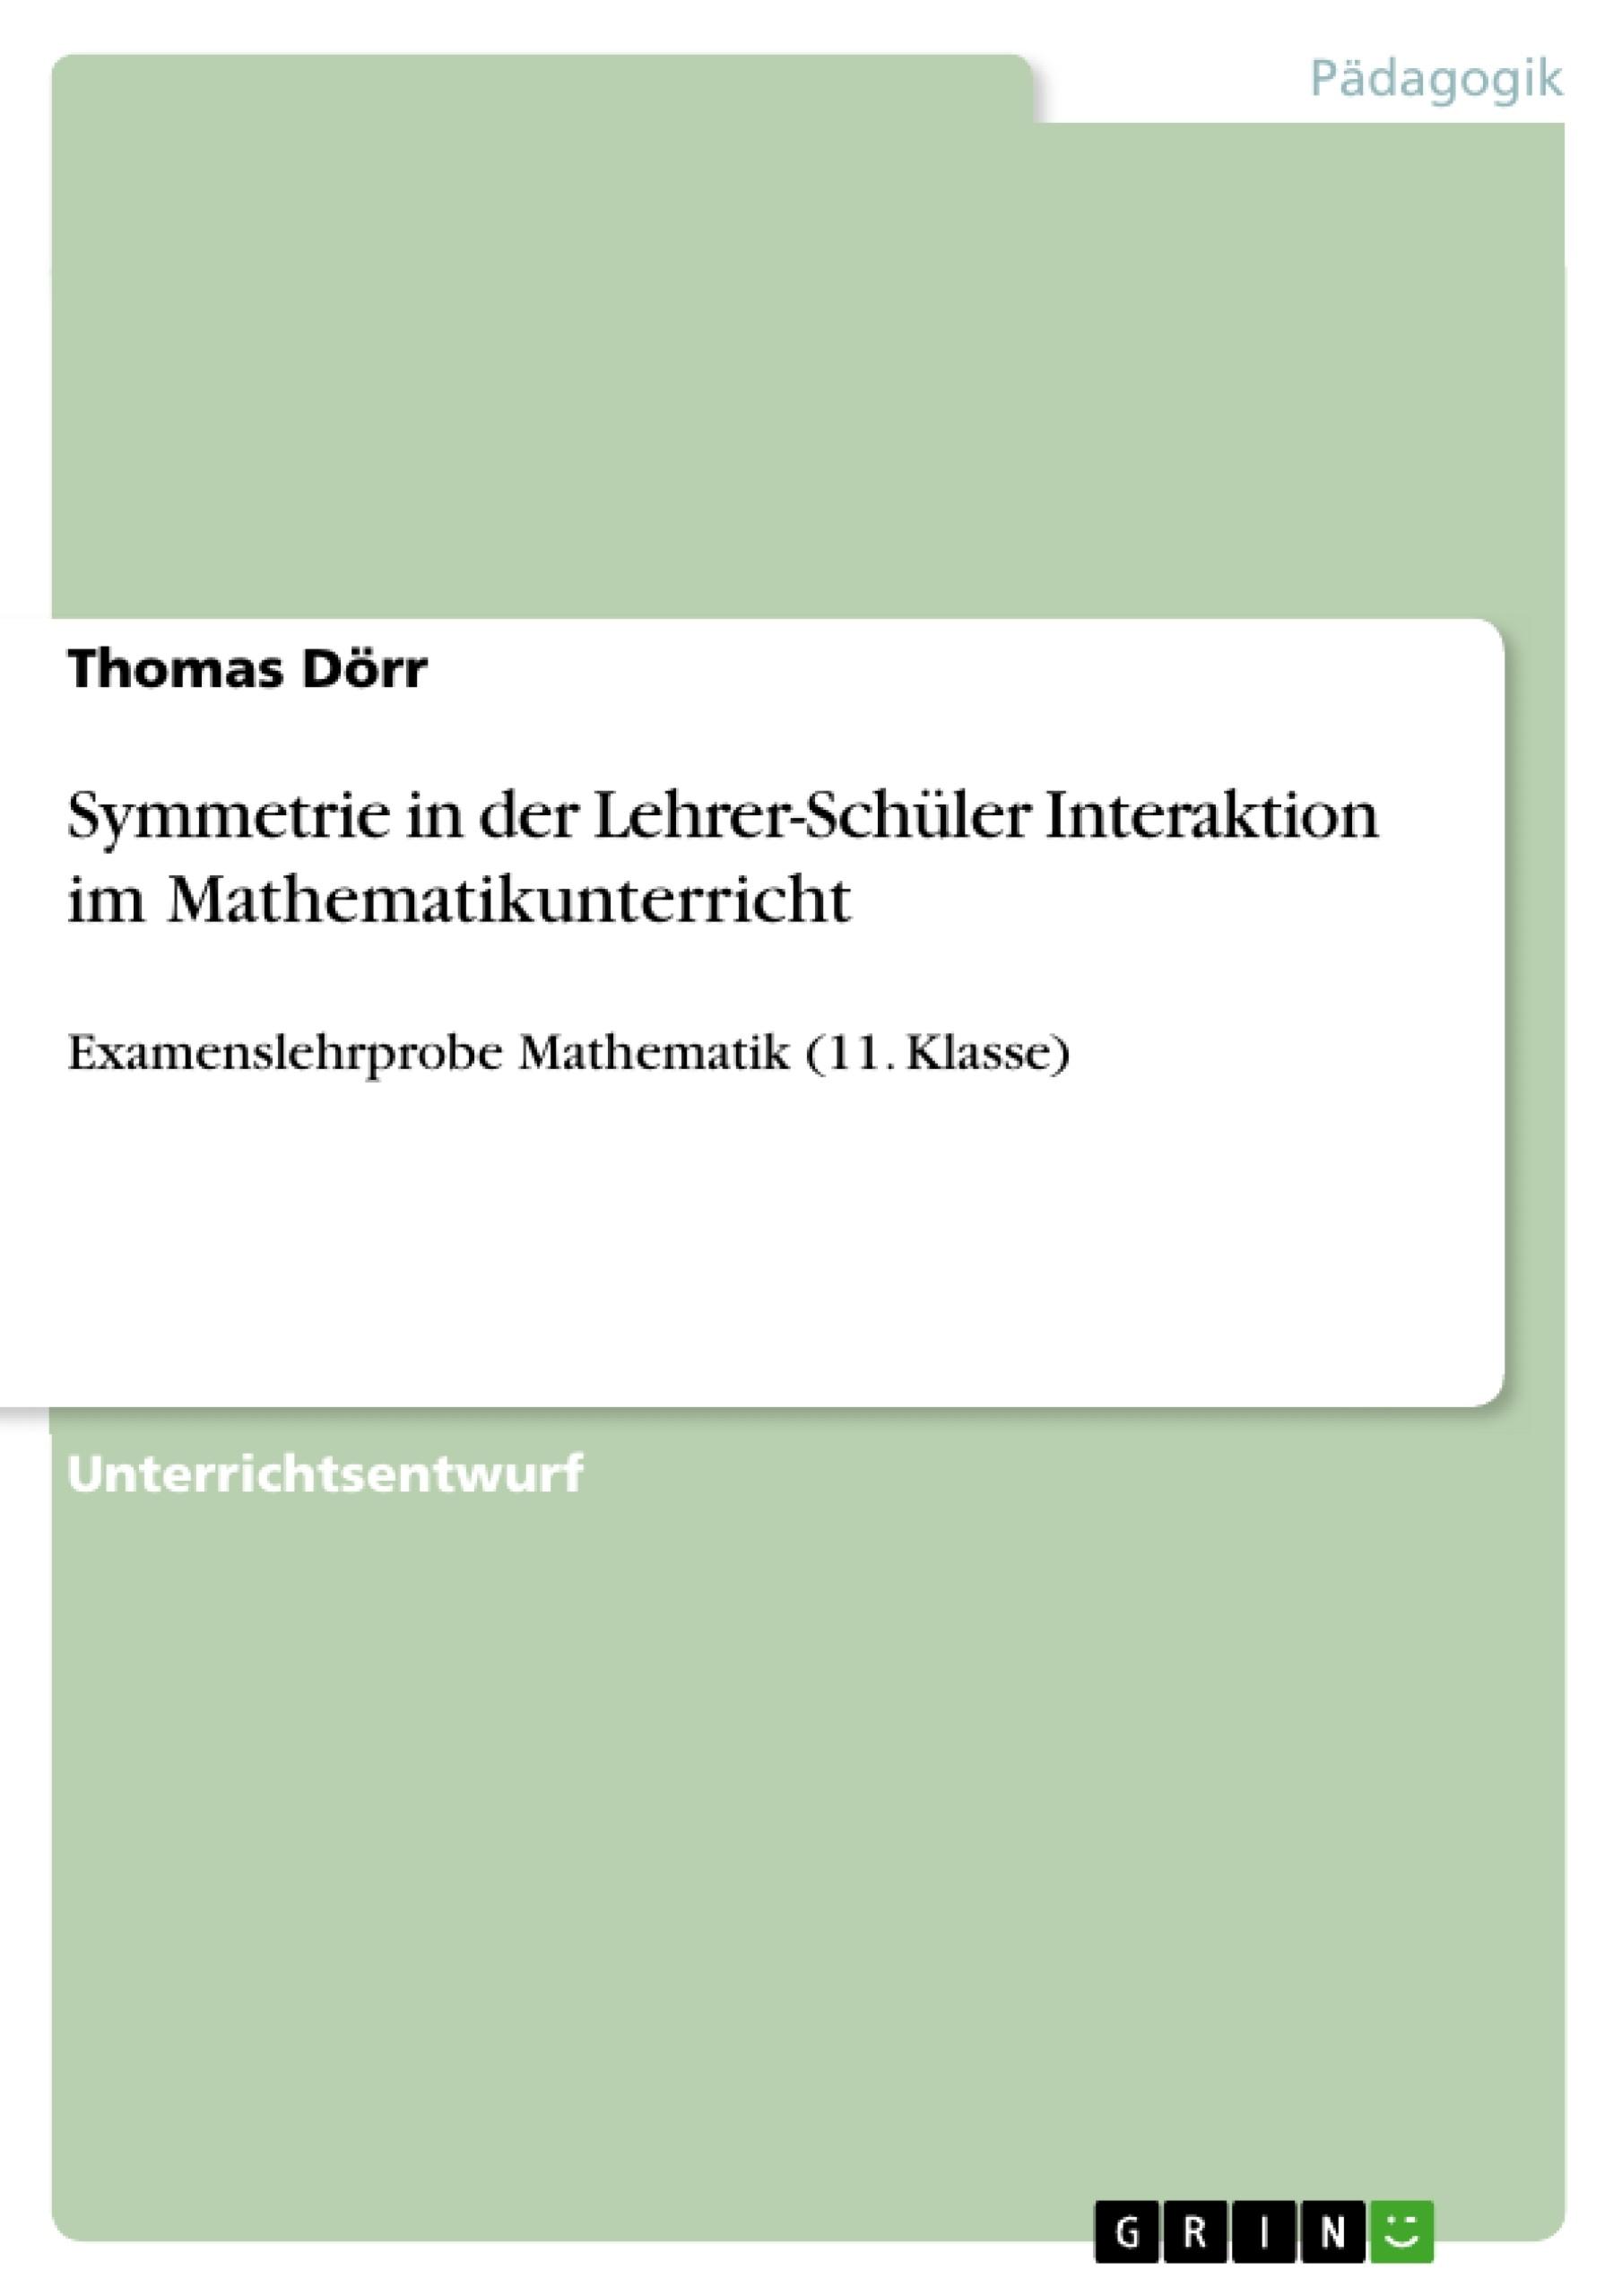 Titel: Symmetrie in der Lehrer-Schüler Interaktion im Mathematikunterricht